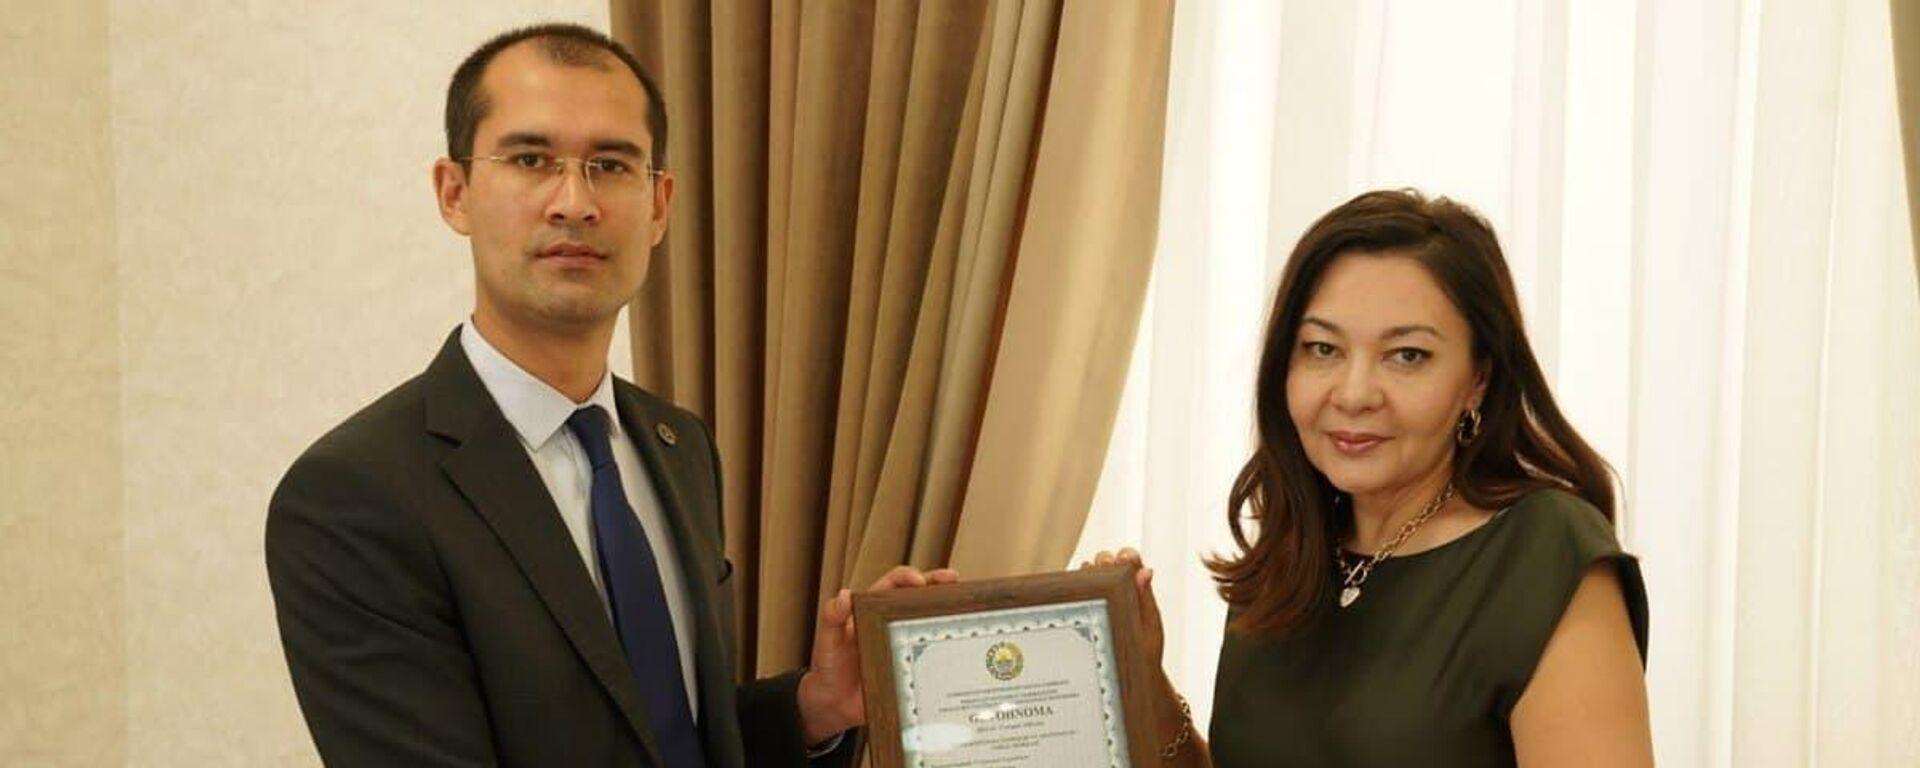 В Узбекистане создана первая неправительственная организация по борьбе с коррупцией - Sputnik Узбекистан, 1920, 18.09.2021